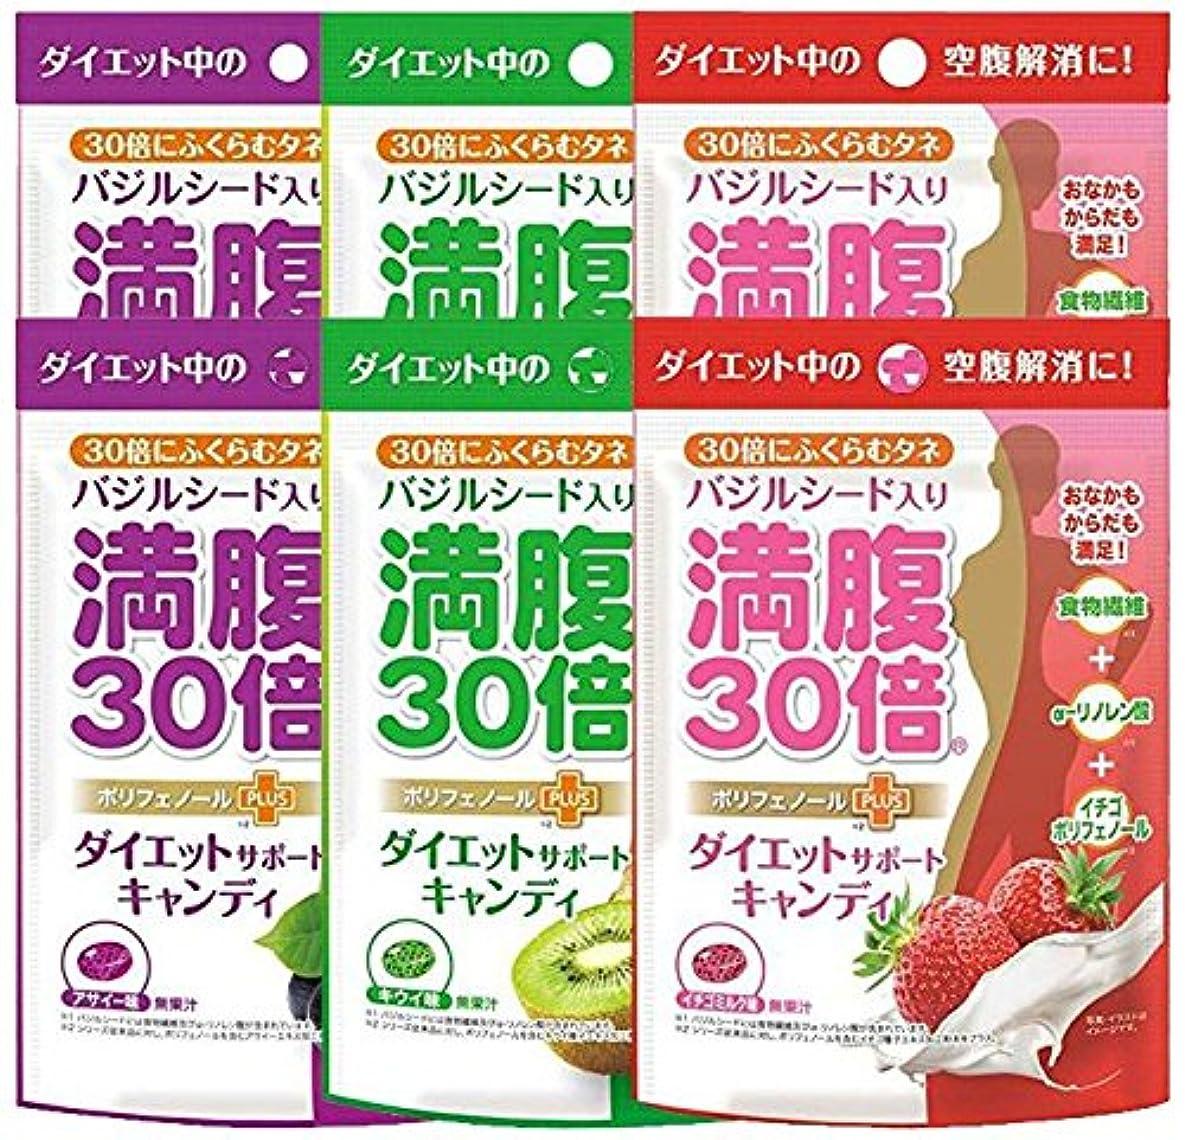 元に戻す悪夢ママ満腹30倍 ダイエットサポートキャンディ 3種アソート( アサイー キウイ イチゴミルク 各2袋) 6袋